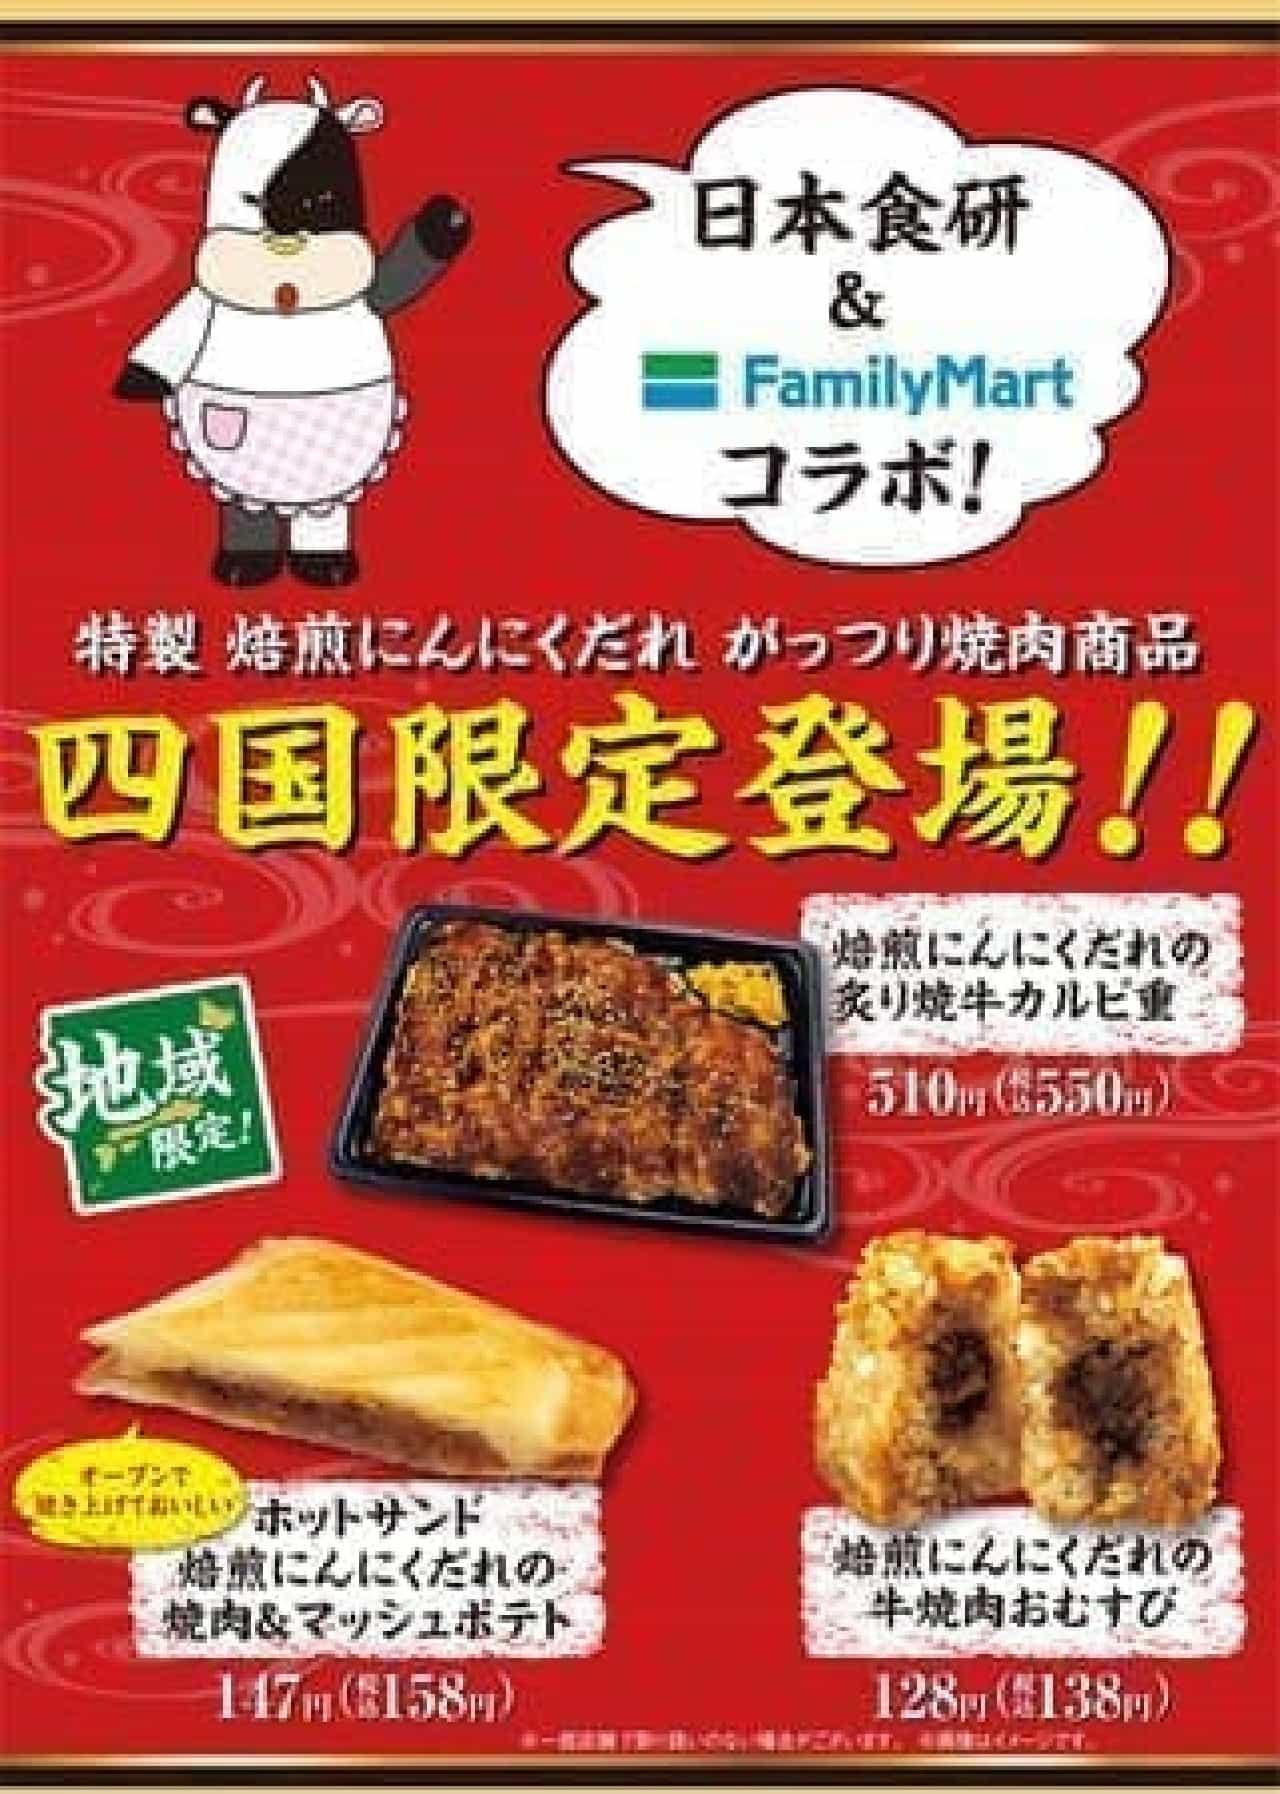 四国地域のファミリーマート 日本食研とのコラボレーション商品